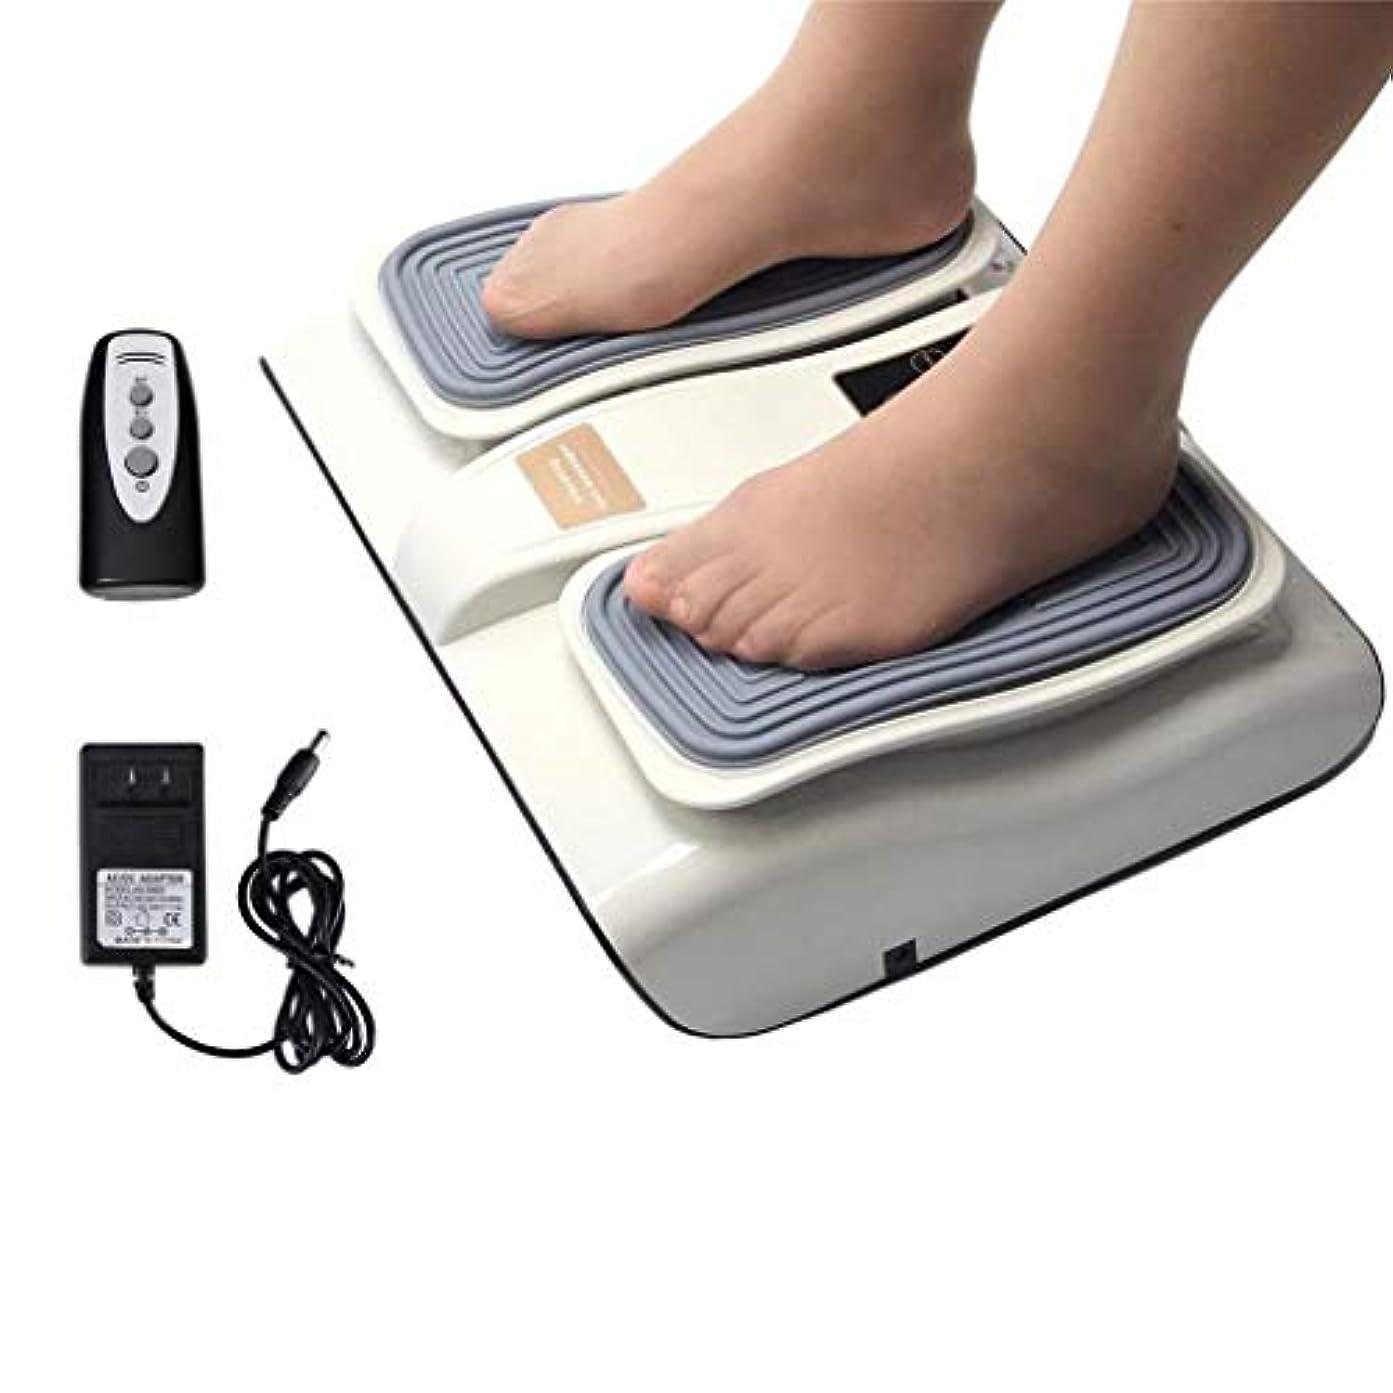 正気スロー世界の窓フットマッサージャー、血液循環を促進し、足底筋膜炎を緩和するための電動足Footみマッサージ療法装置